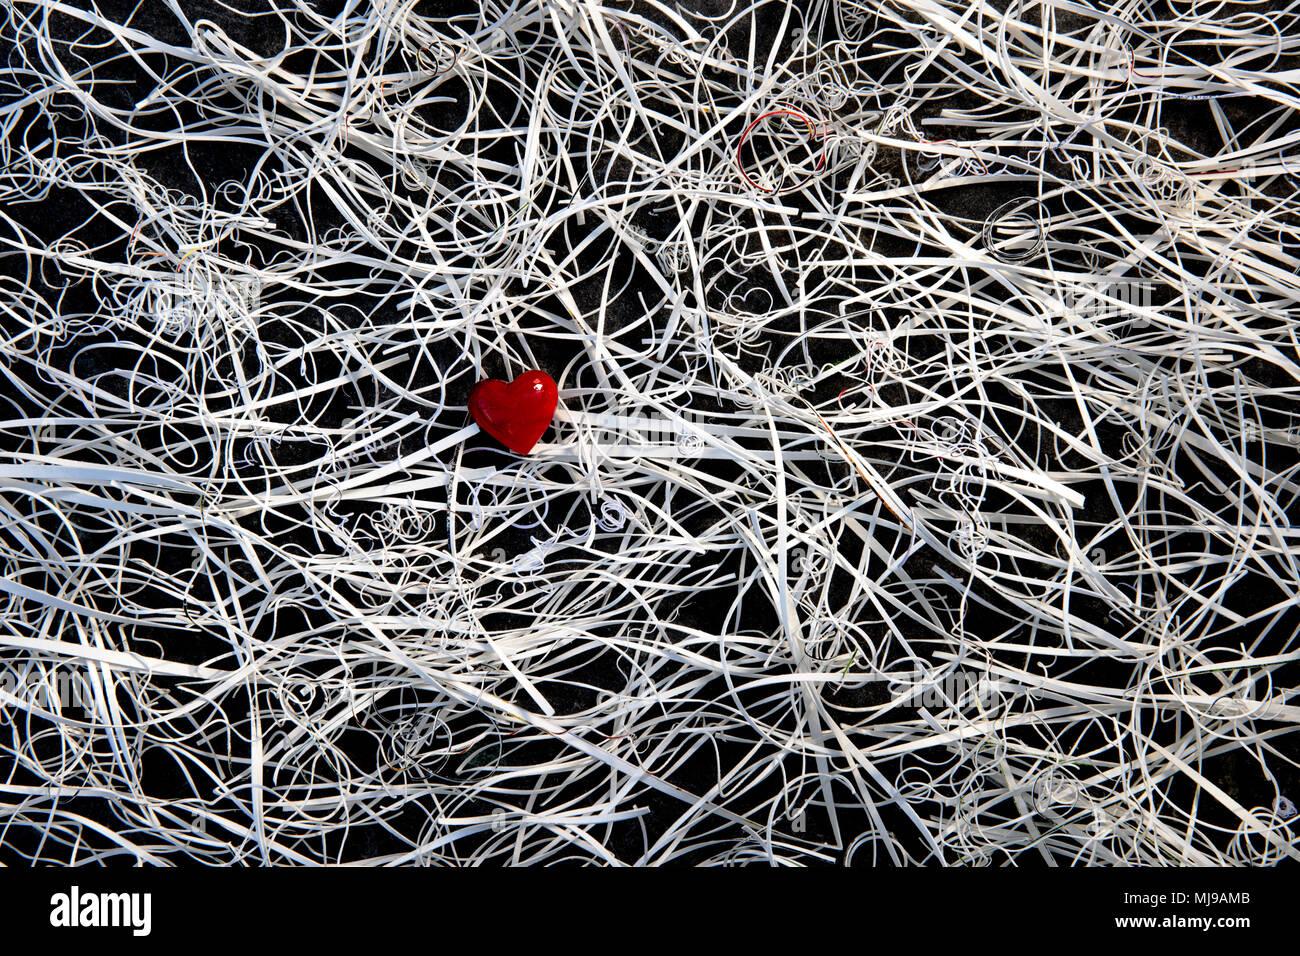 Un rosso cuore di vetro al centro di un groviglio di i ritagli di carta su uno sfondo di ardesia. Immagini Stock